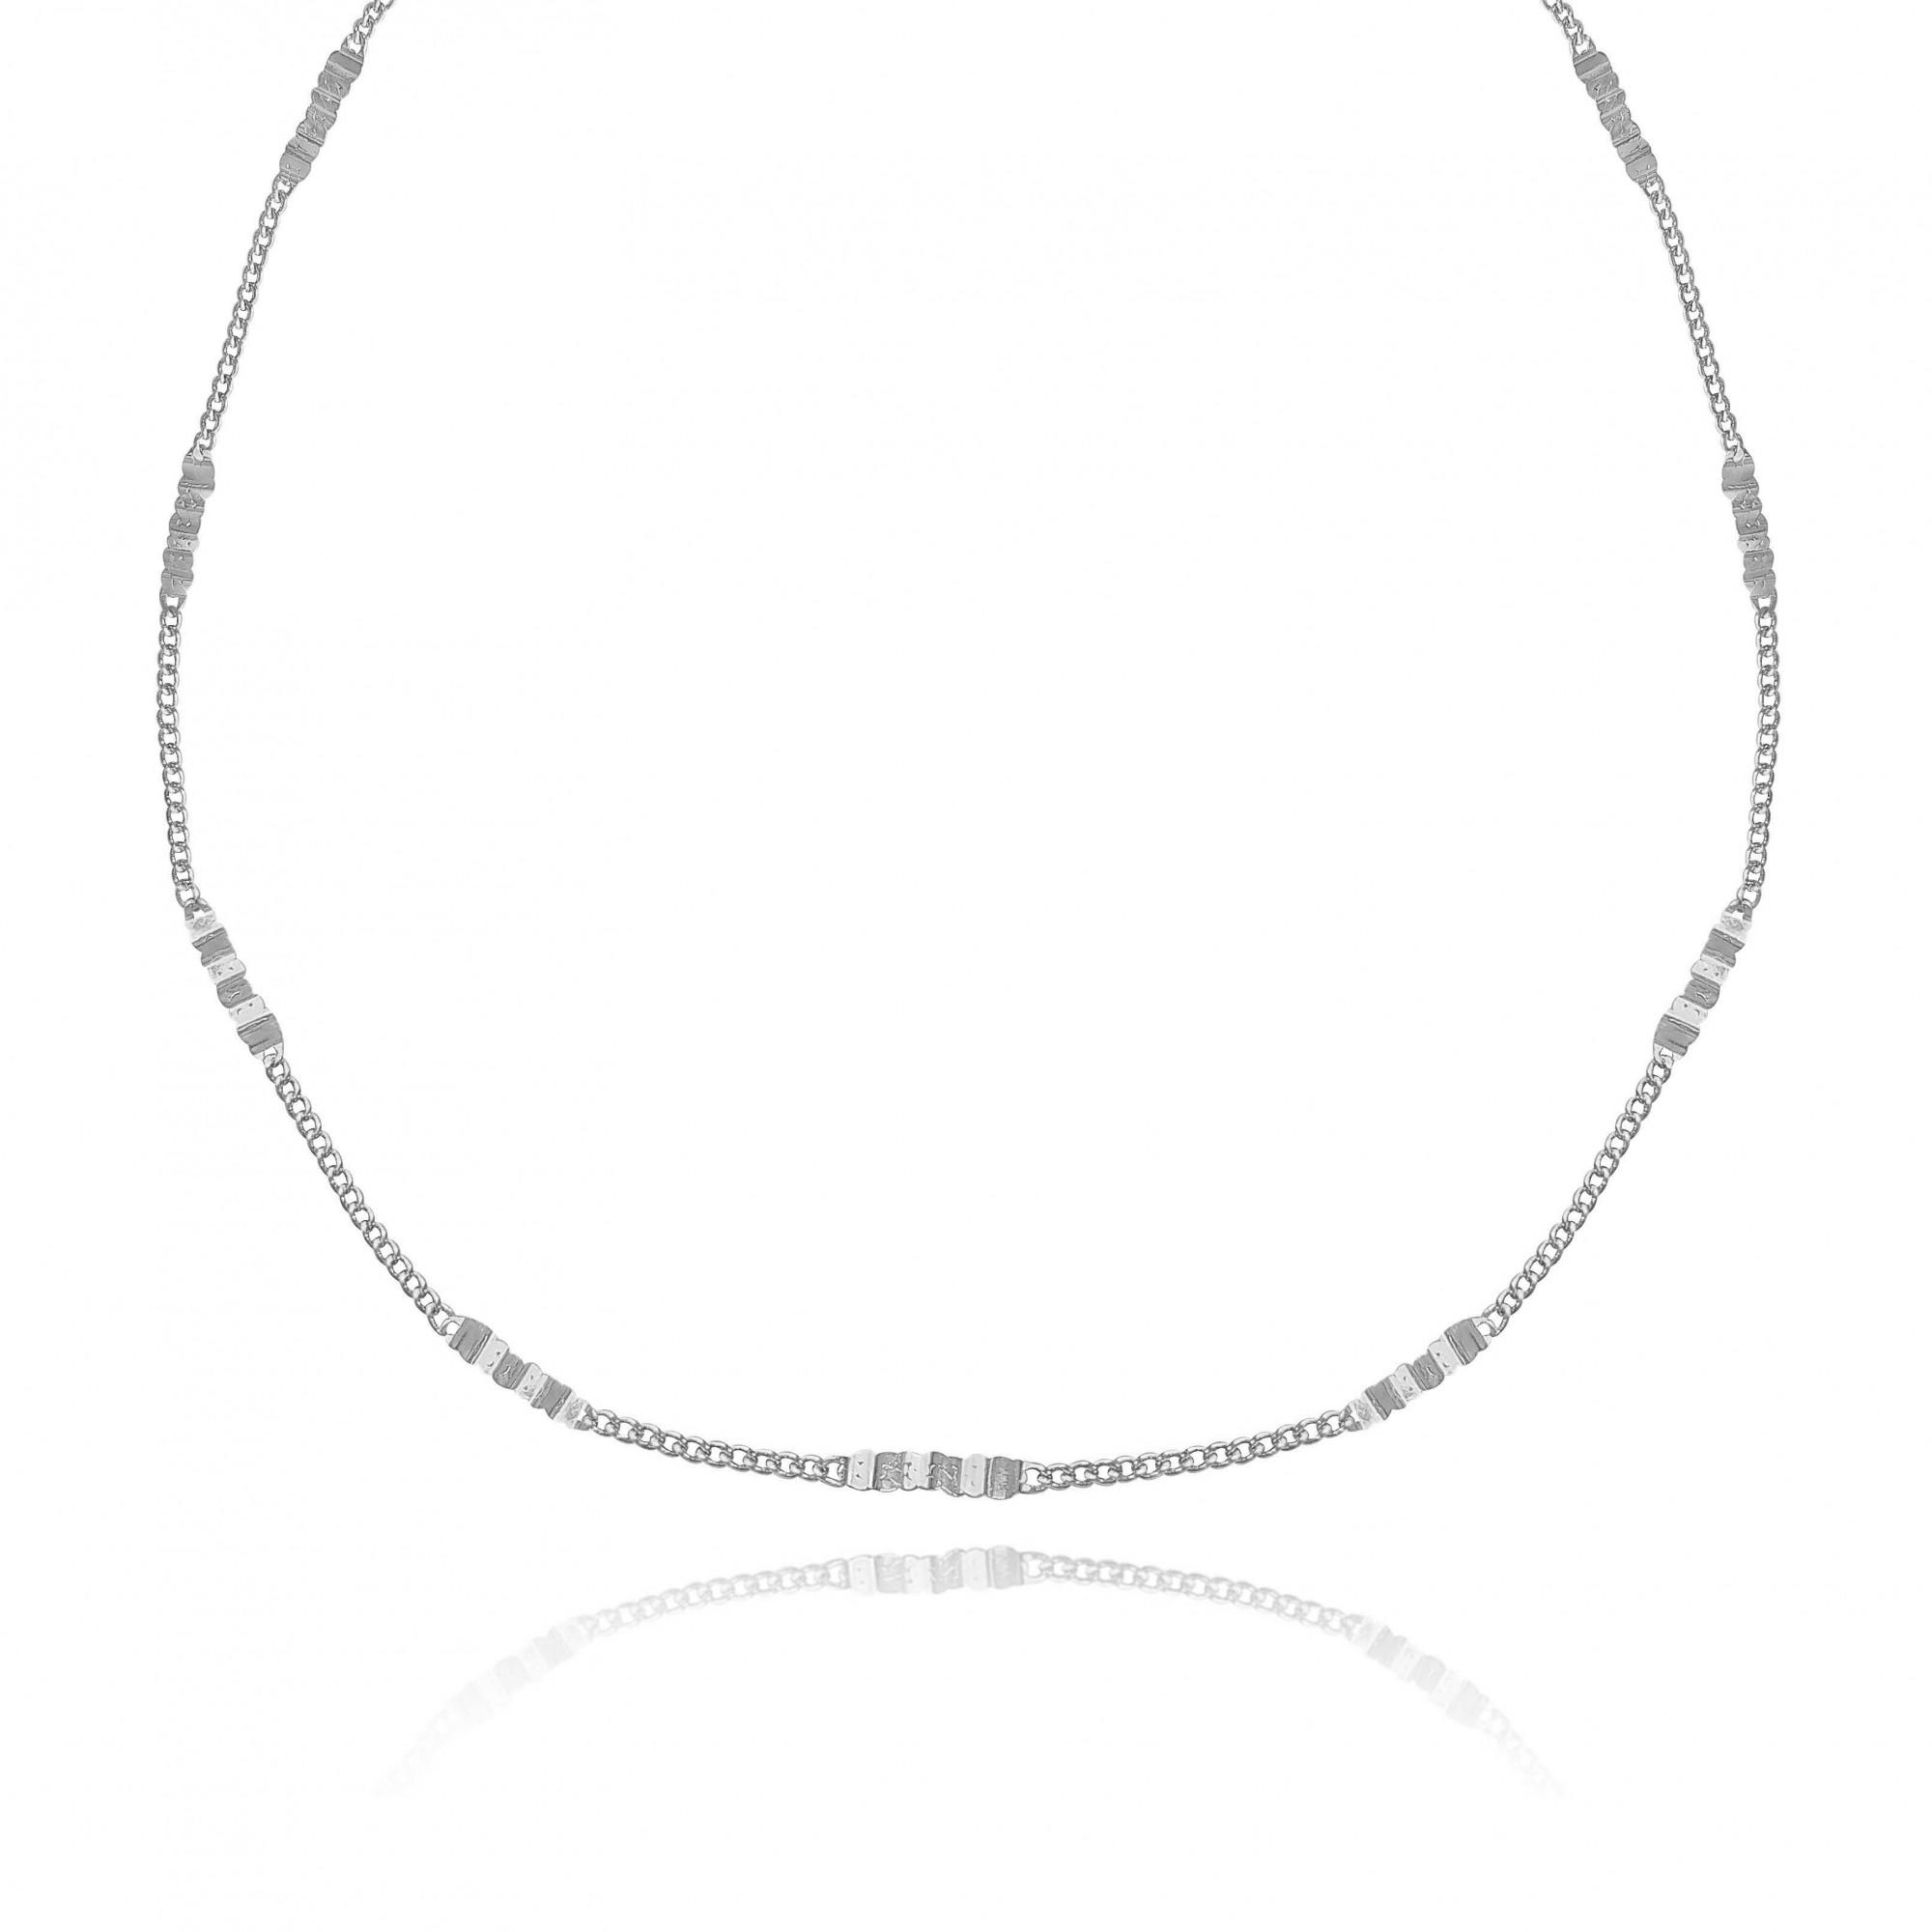 Colar Corrente Mista Elos Cadeados 45 cm Folheado a Prata 1000  - Lunozê Joias